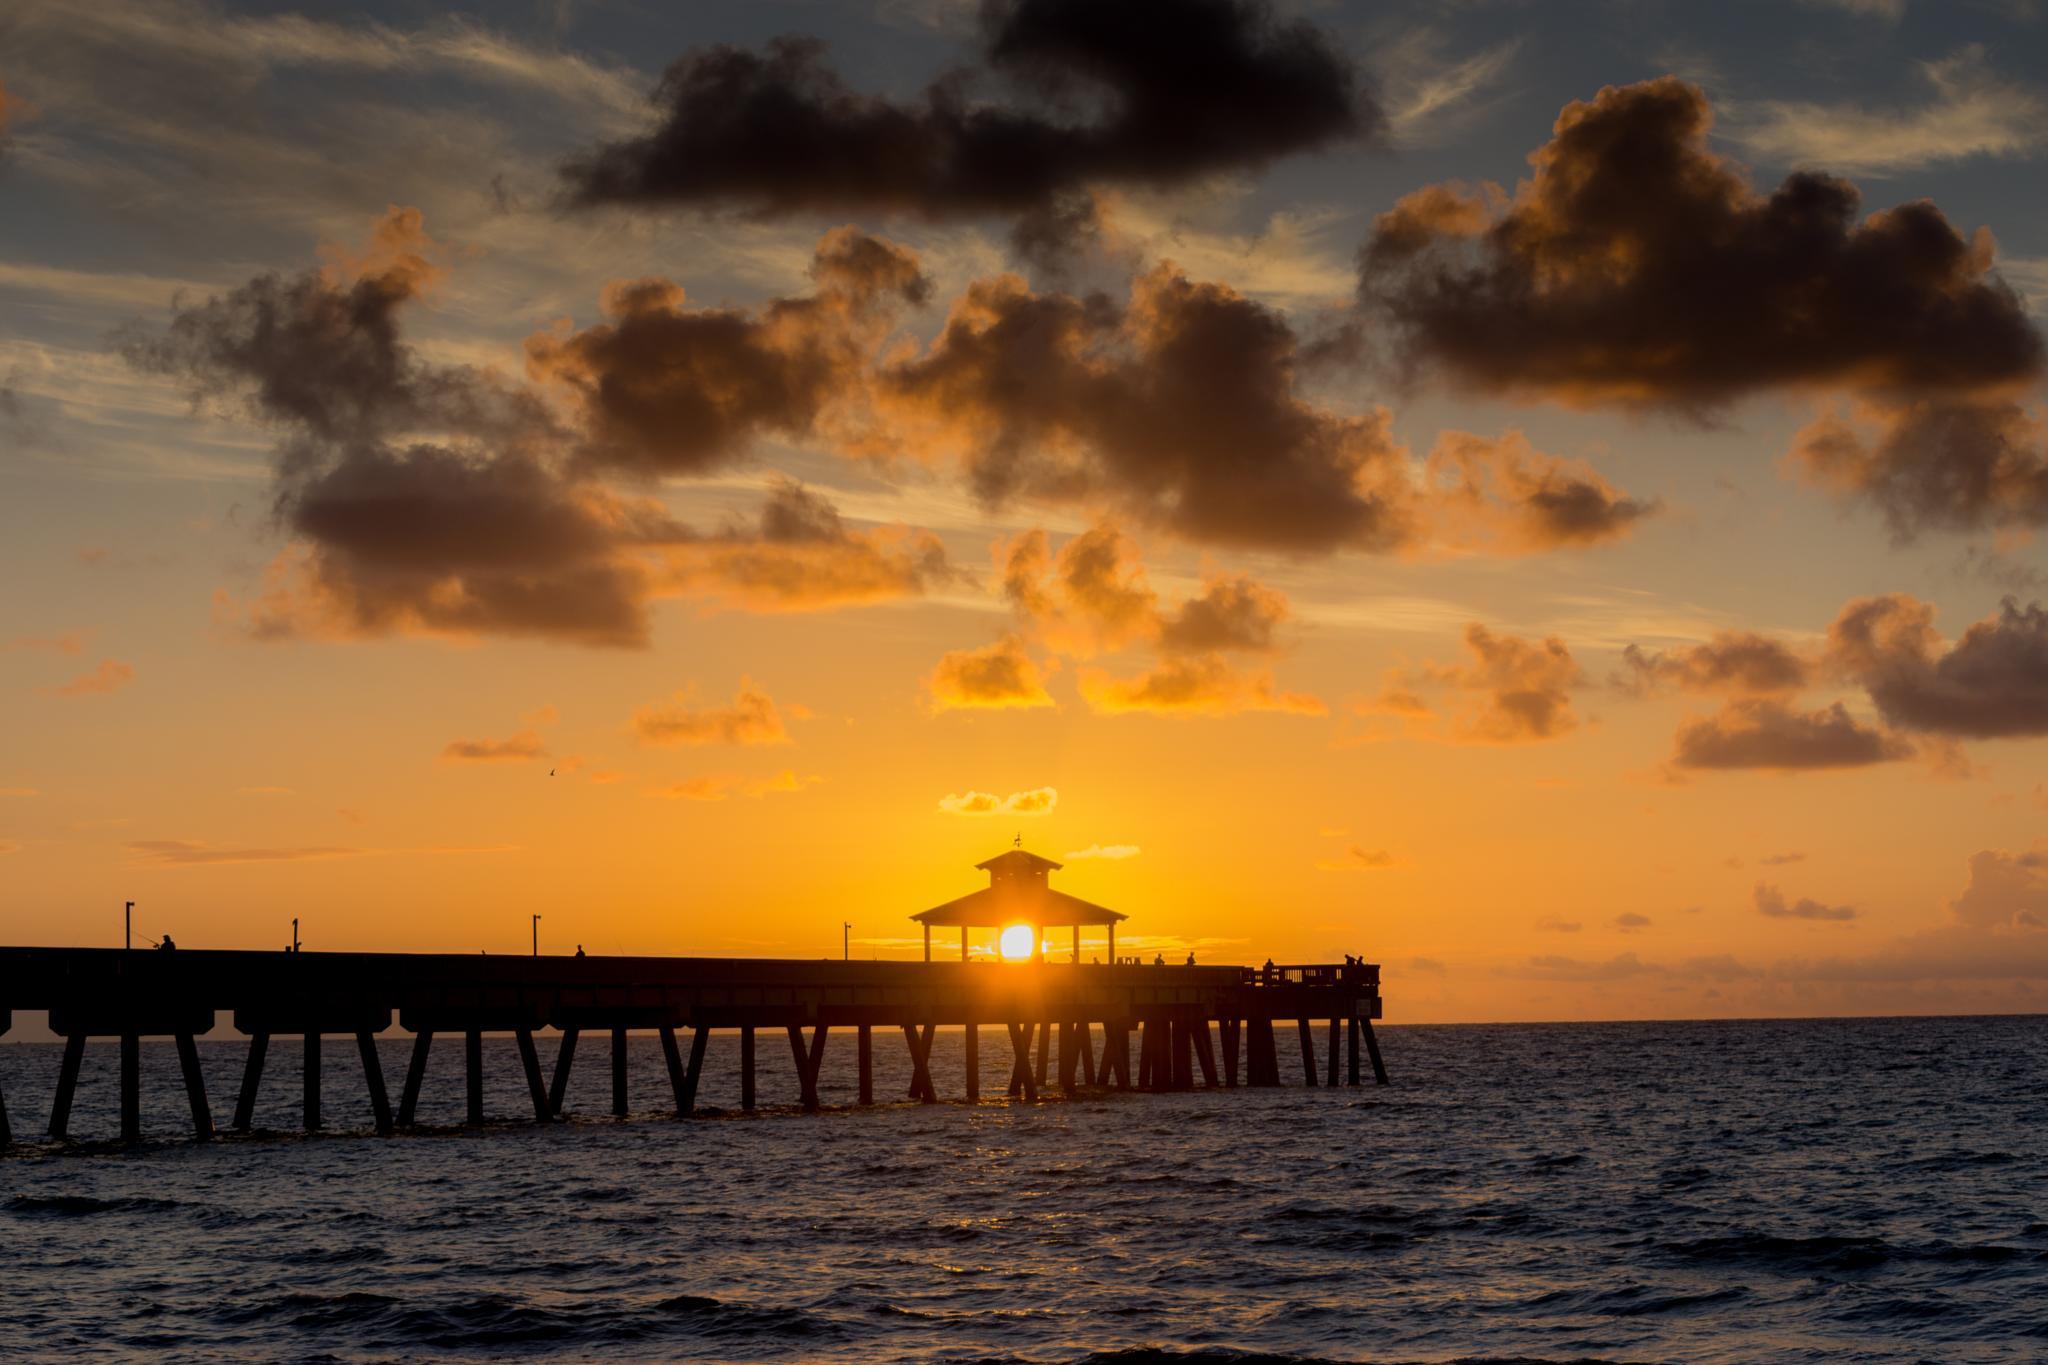 Light it up by John Schneyer